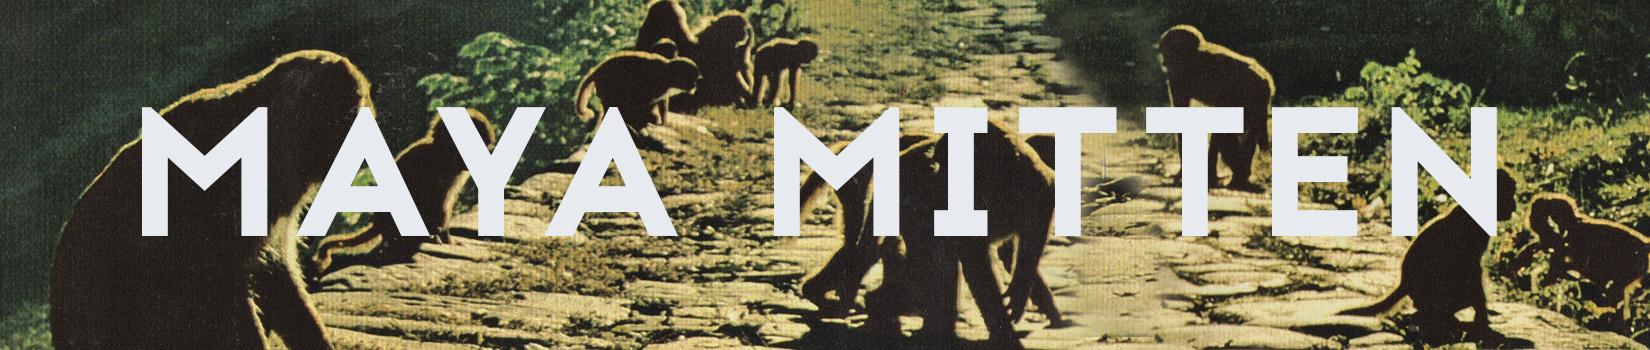 Maya Mitten